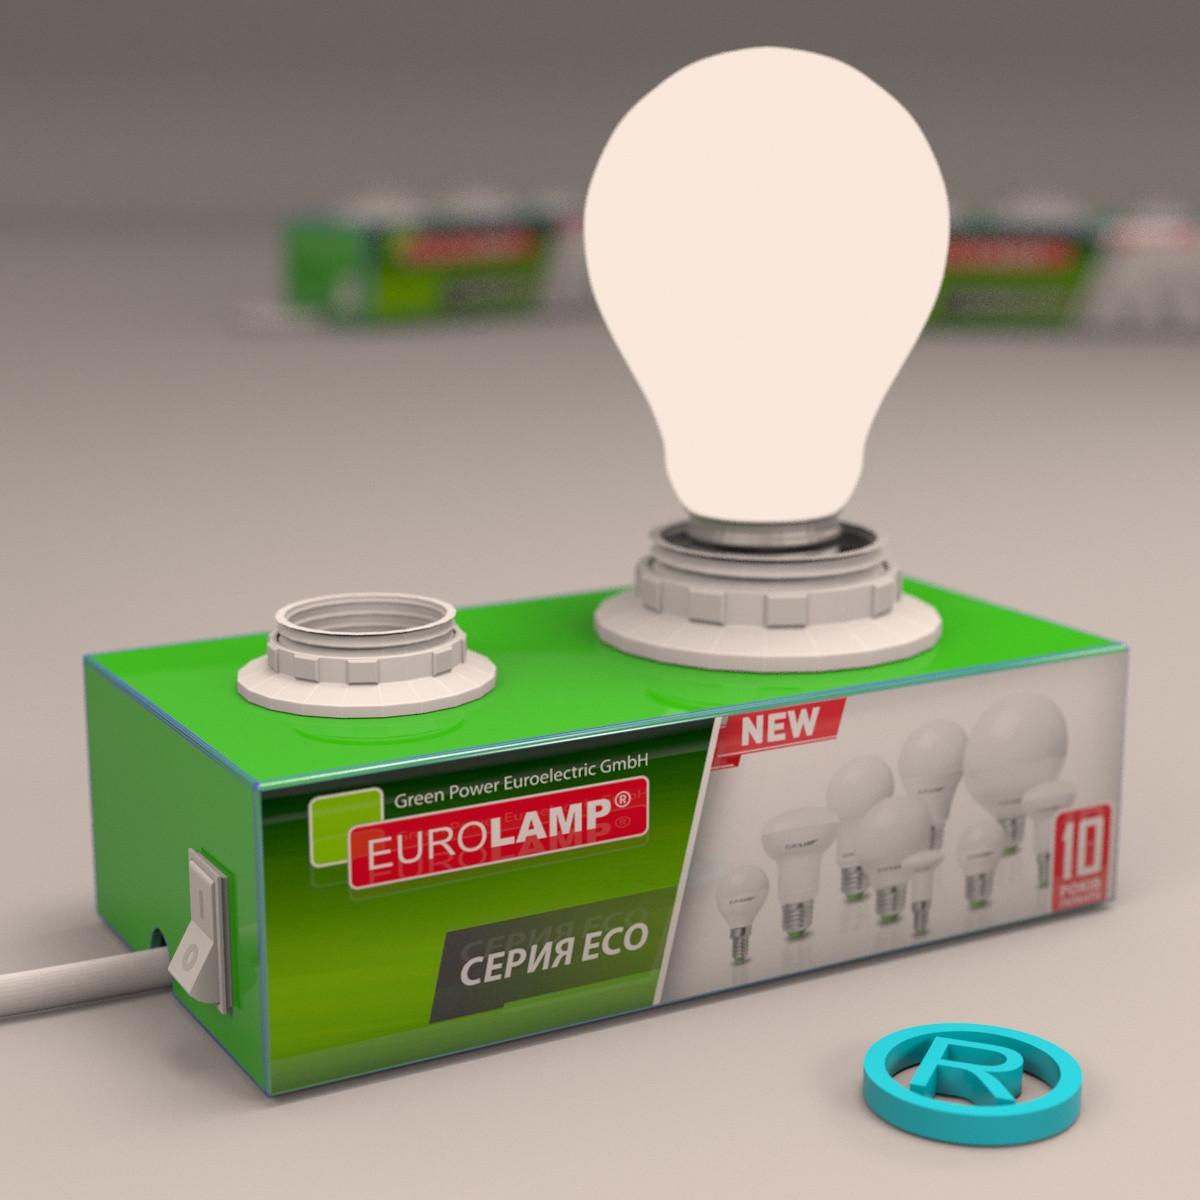 Тестер 🛒 для проверки ламп  Евроламп торговый